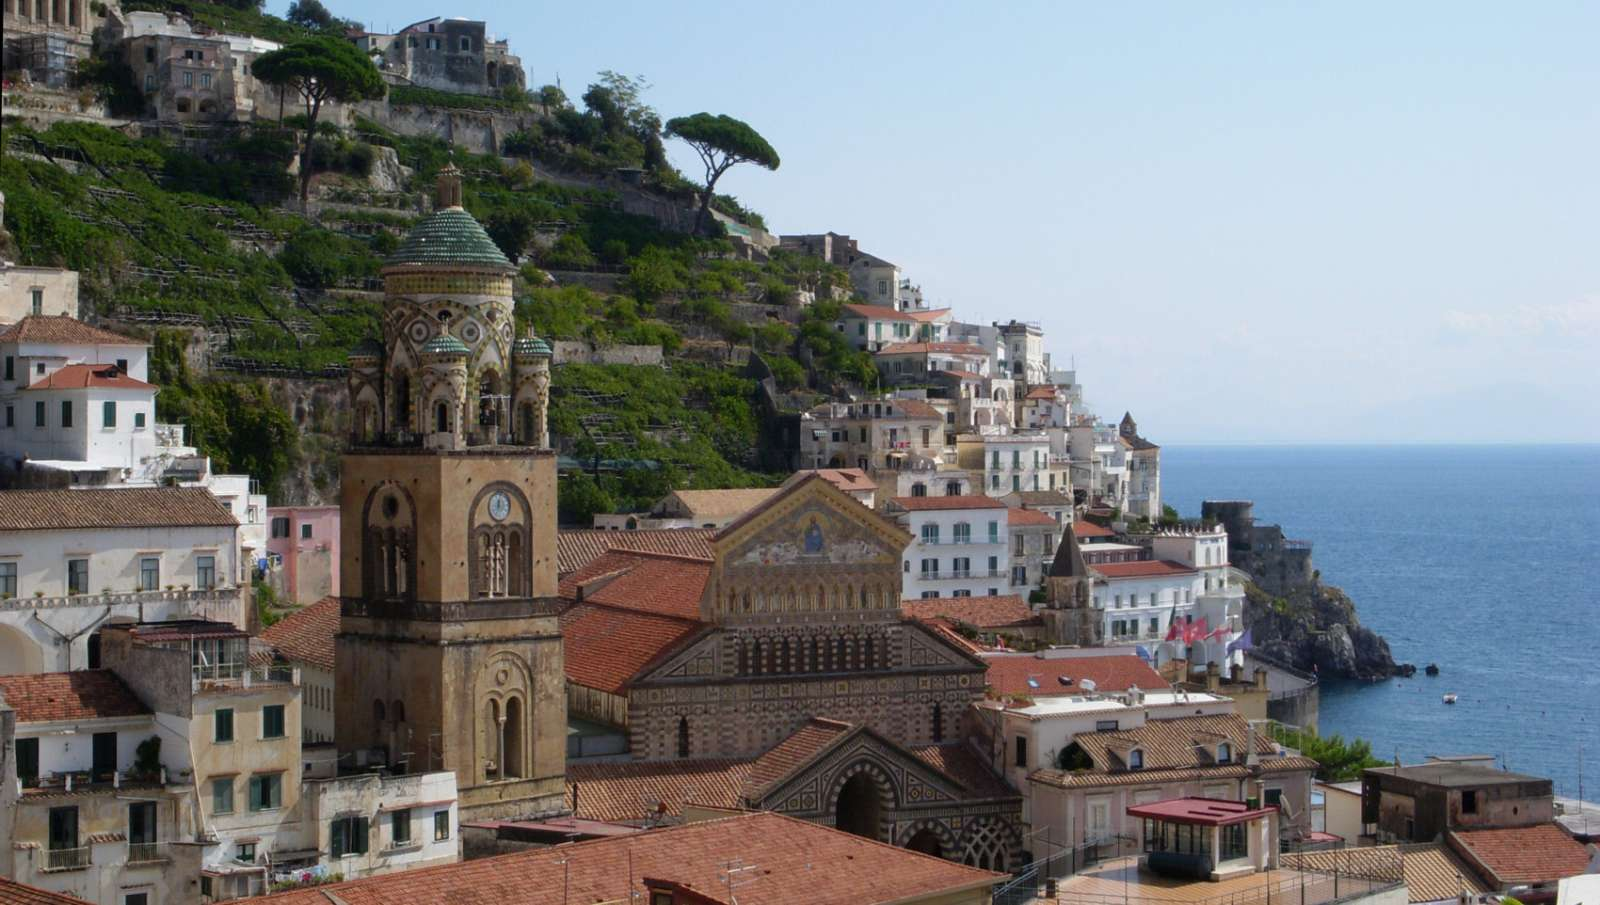 Der schöne Glockenturm mit Mosaik an der Kathedrale von Amalfi